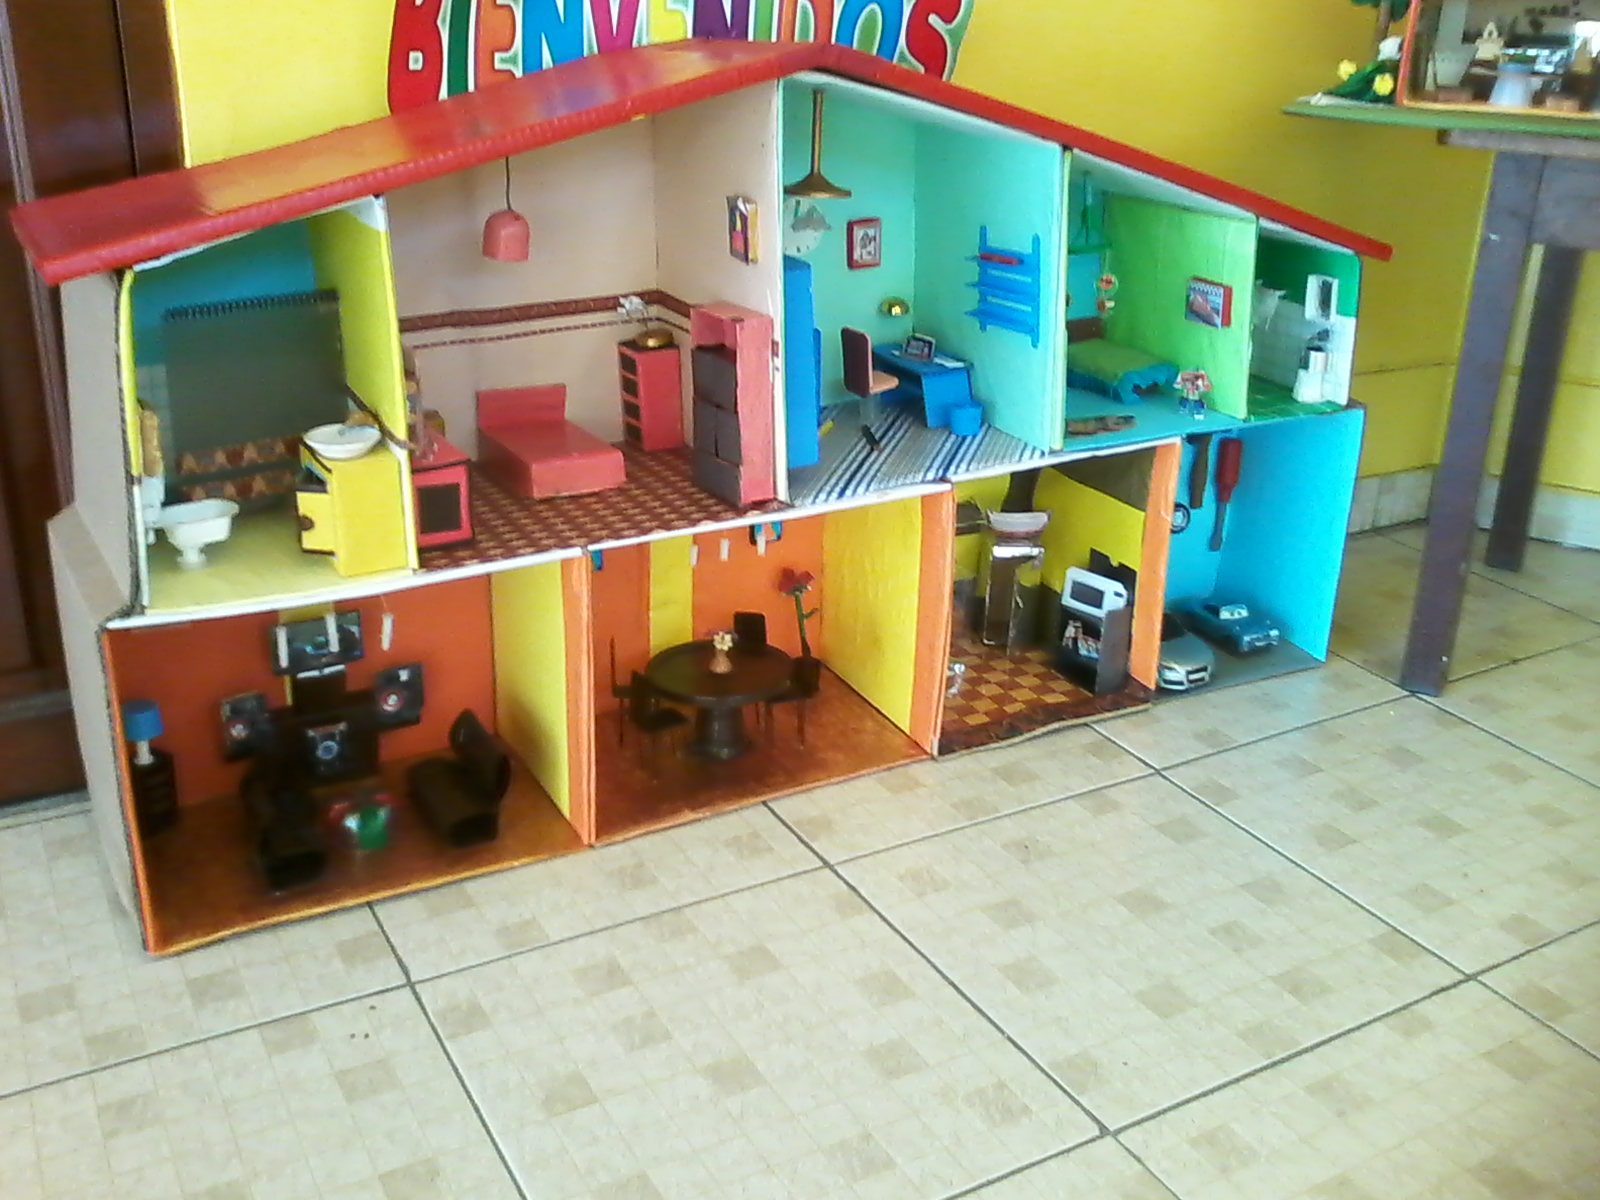 Trabajos y tareas escolares casitas de madera y carton - Como construir mi casa ...